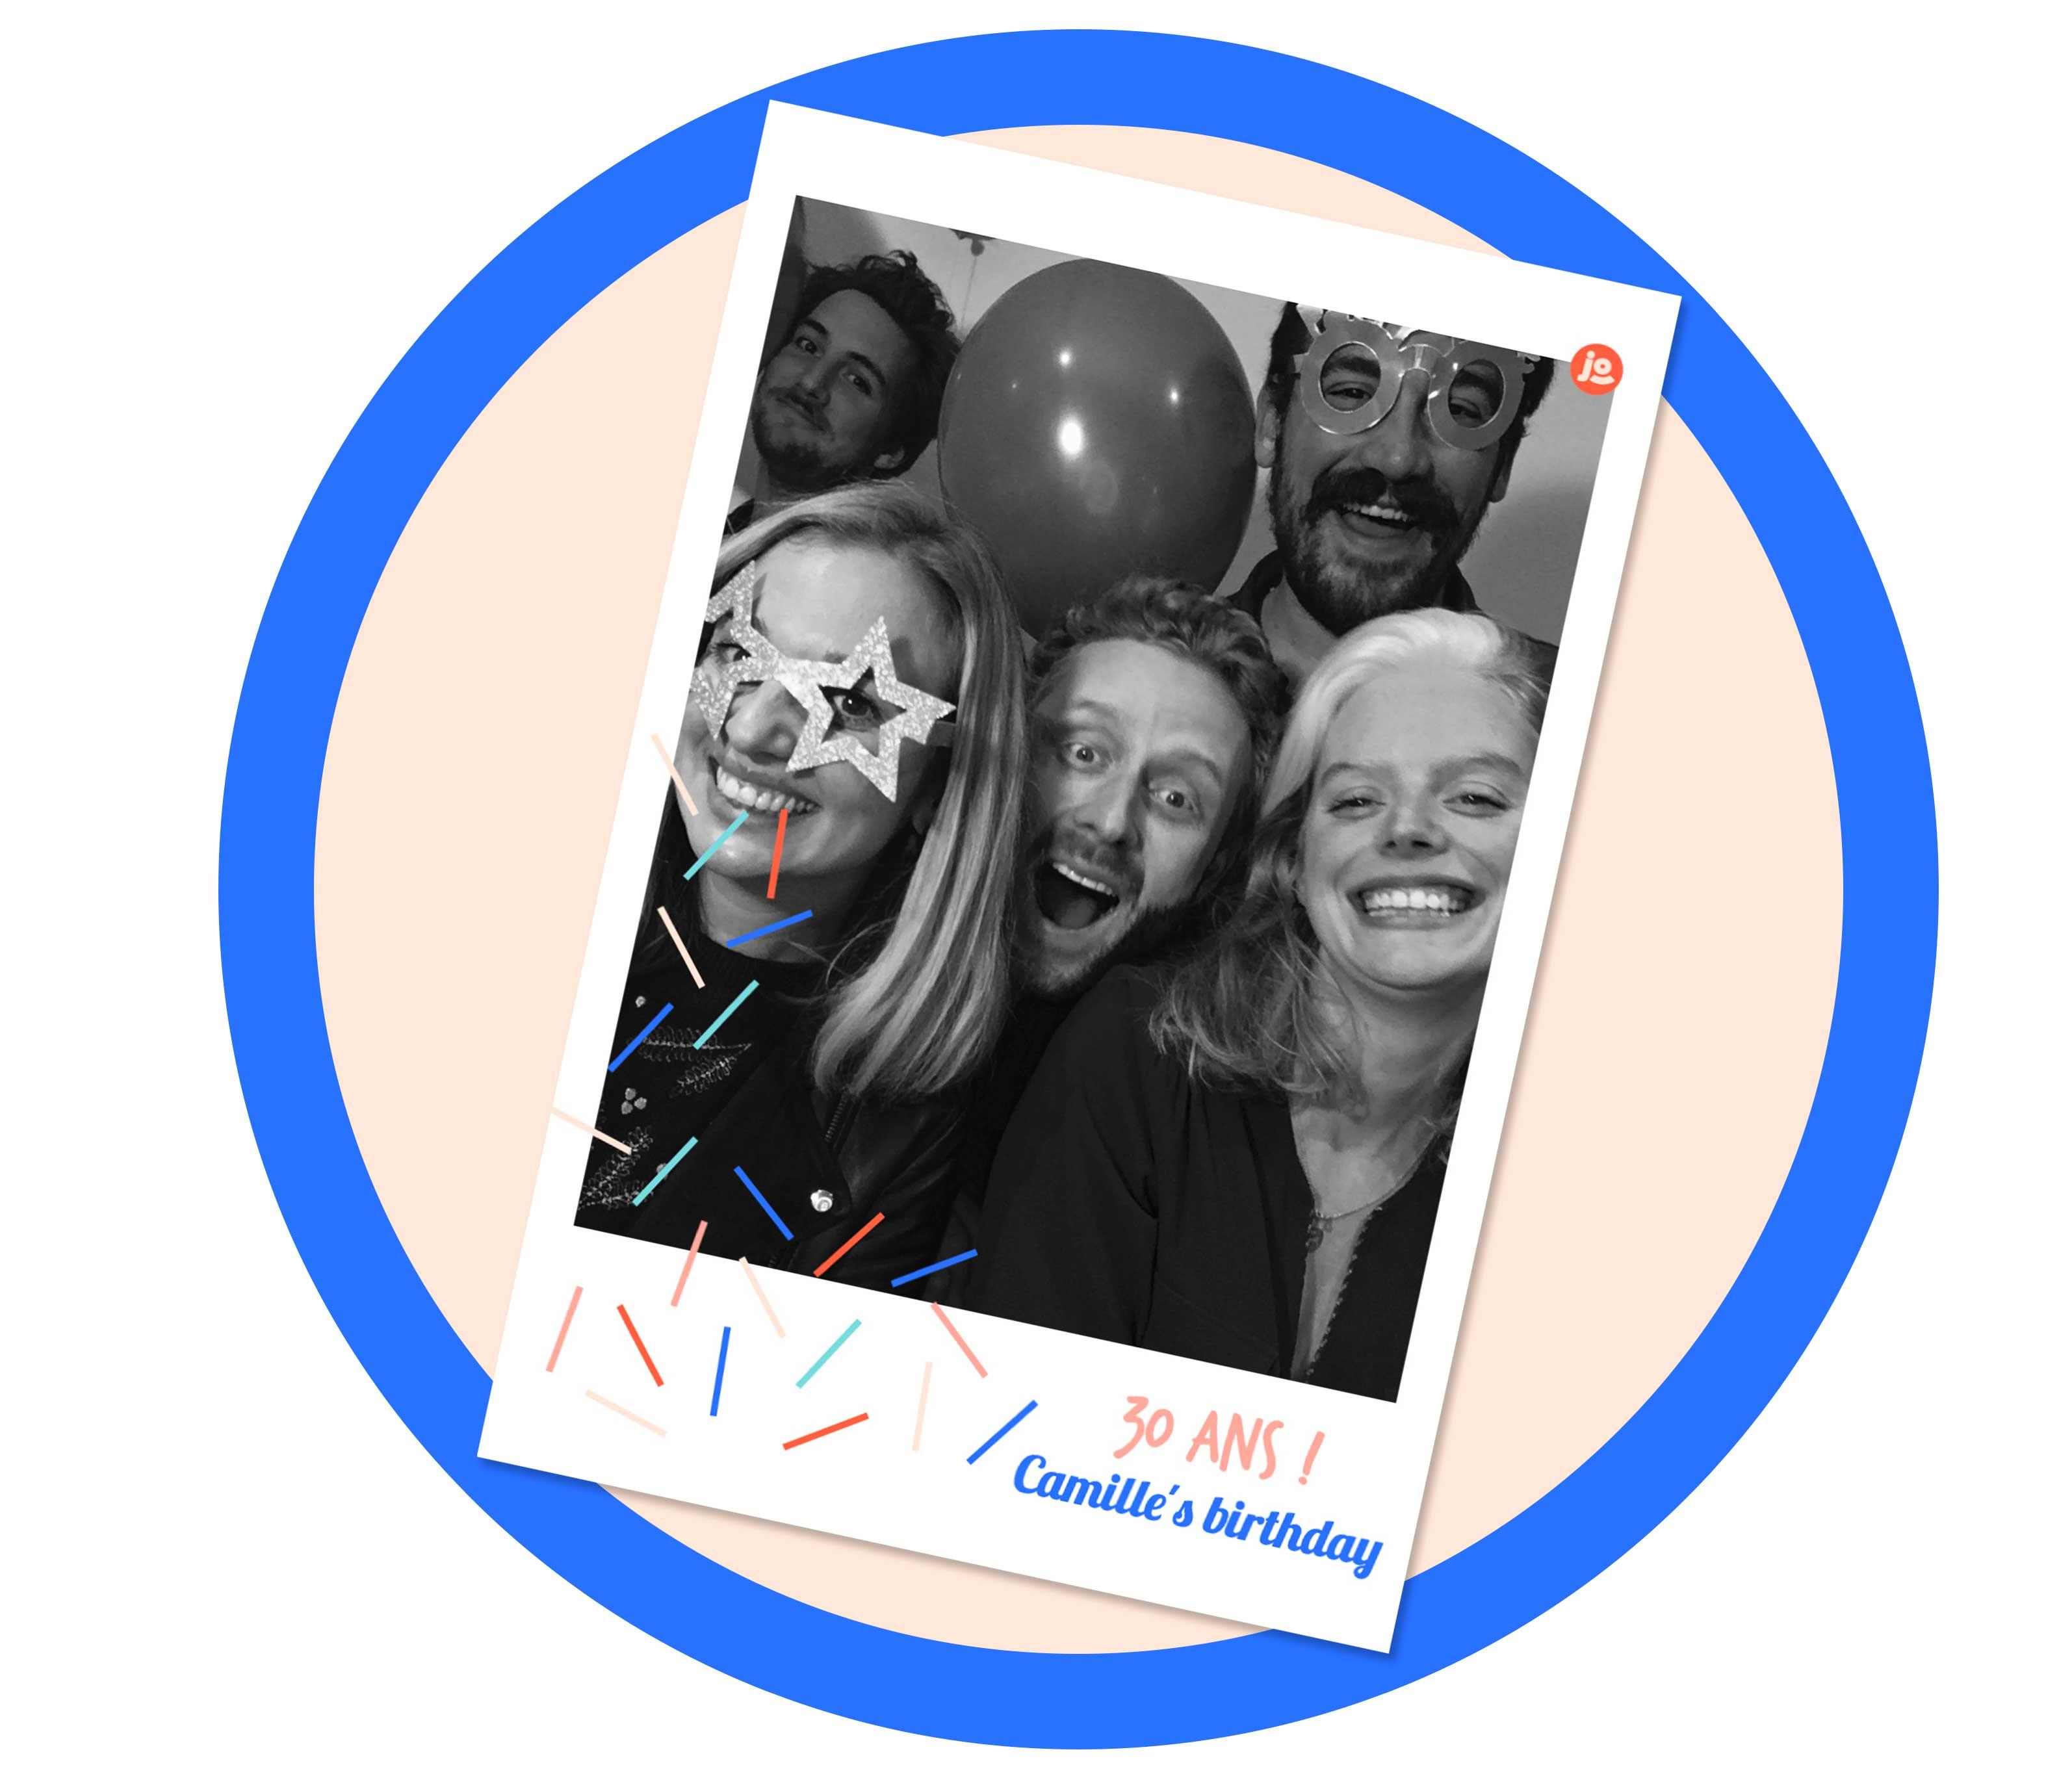 Une photo personnalisée prise par le photobooth / borne photo Josepho en noir et blanc montre un groupe d'ami en train de s'amuser à un anniversaire.